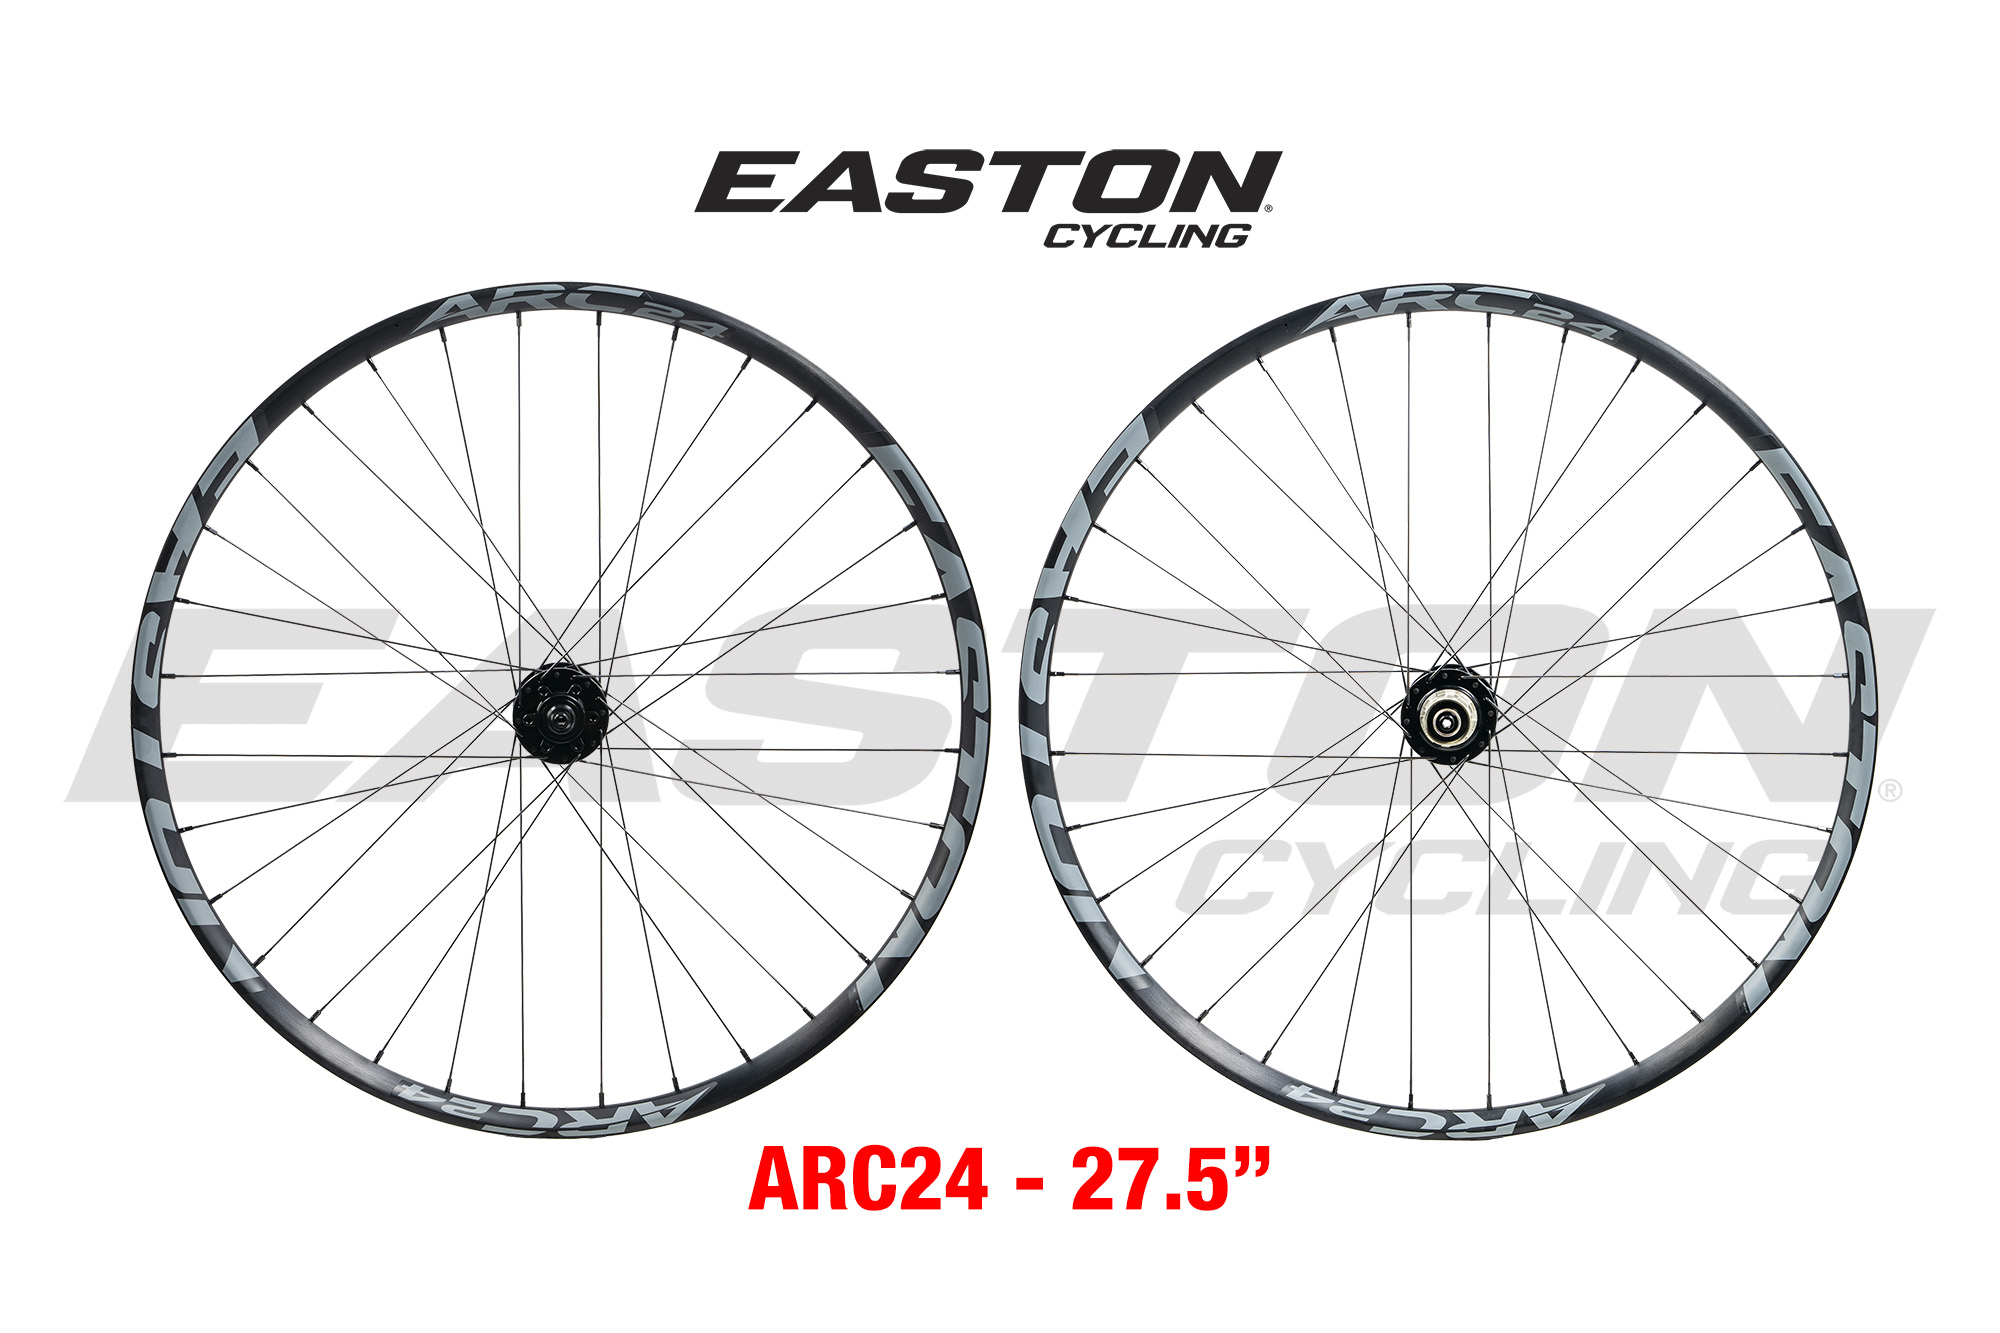 EASTON | ARC24 27.5